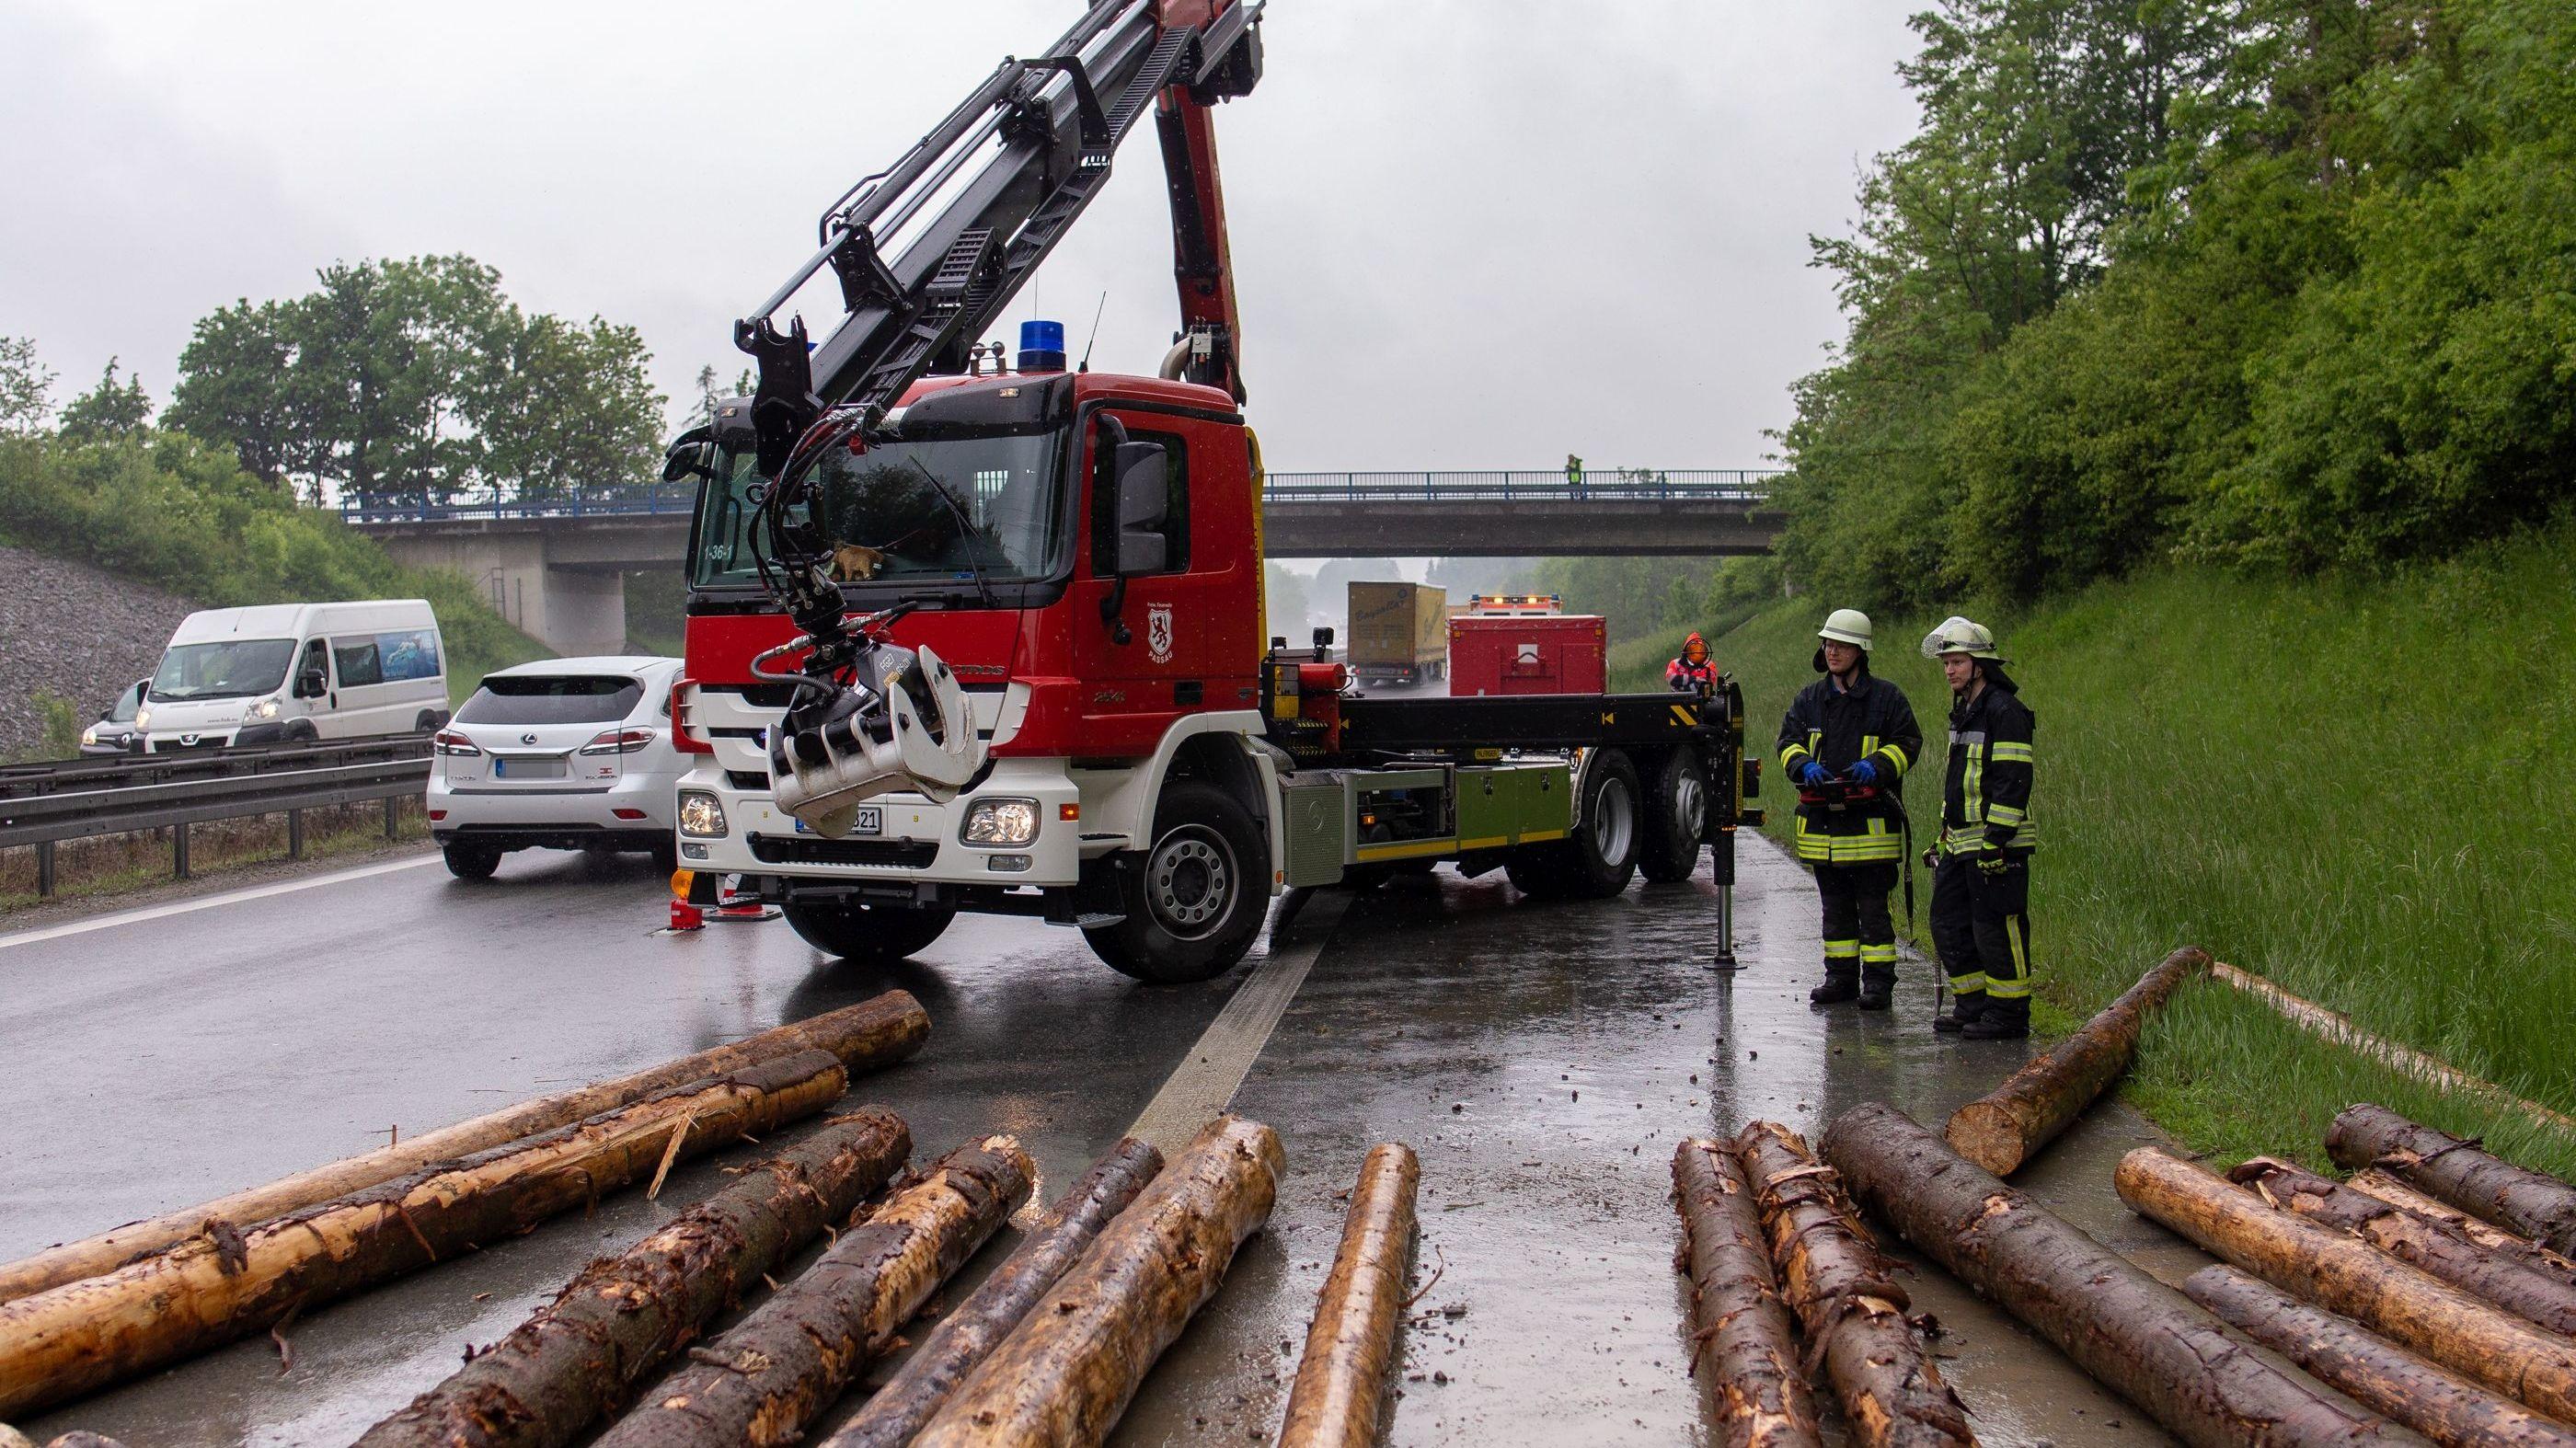 Die Sperrung auf der A3 dauert wohl mehrere Stunden. Der Verkehr wird an der Anschlussstelle Passau-Süd umgeleitet.